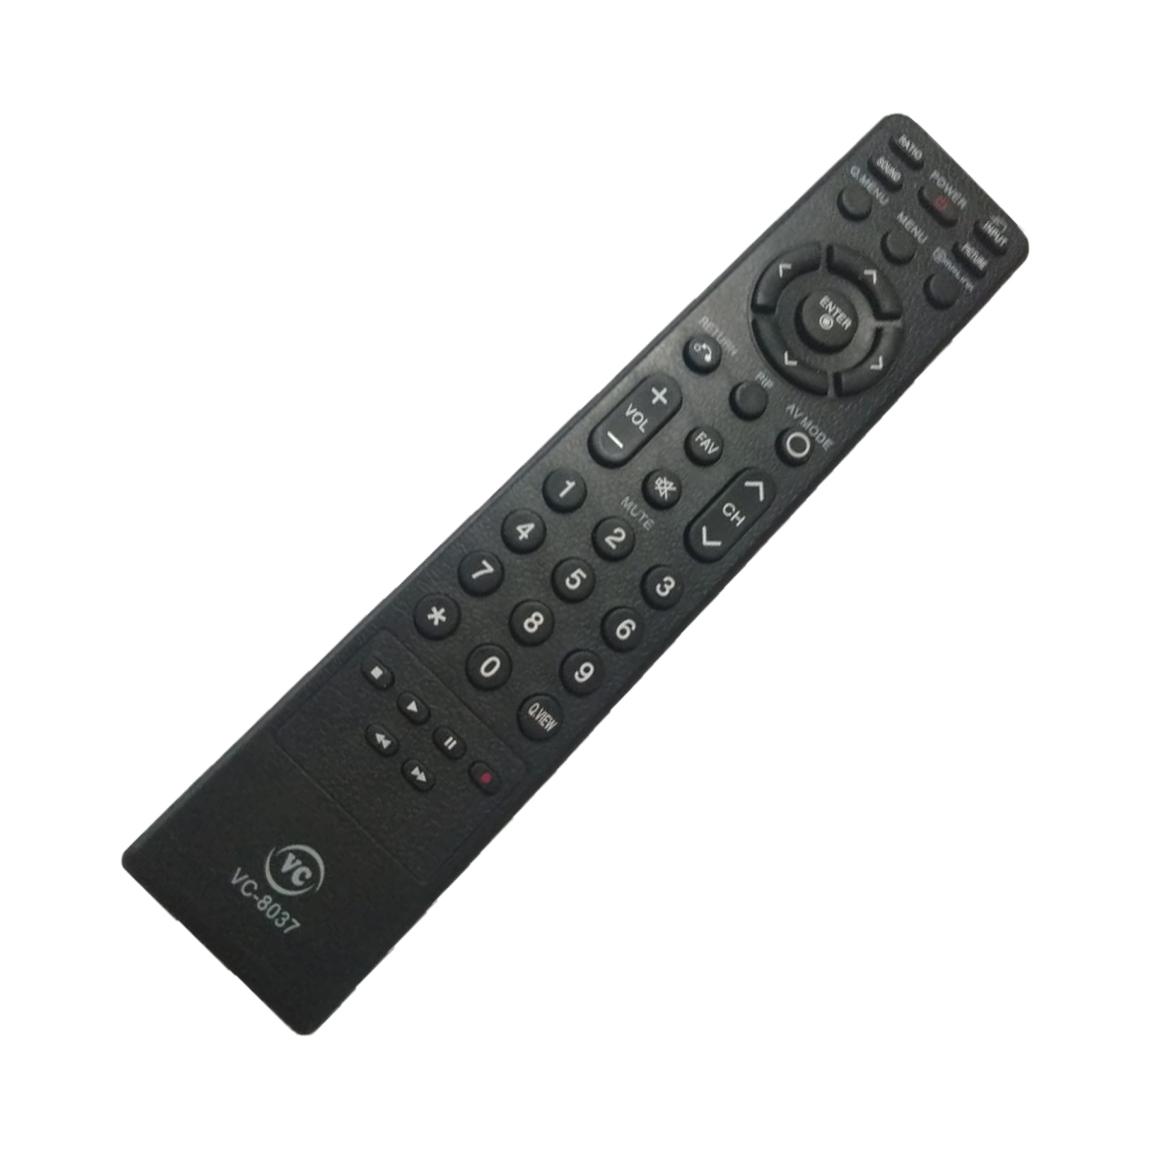 CONTROLE REMOTO COMPATÍVEL W7985 VC8037 PARA LG TV